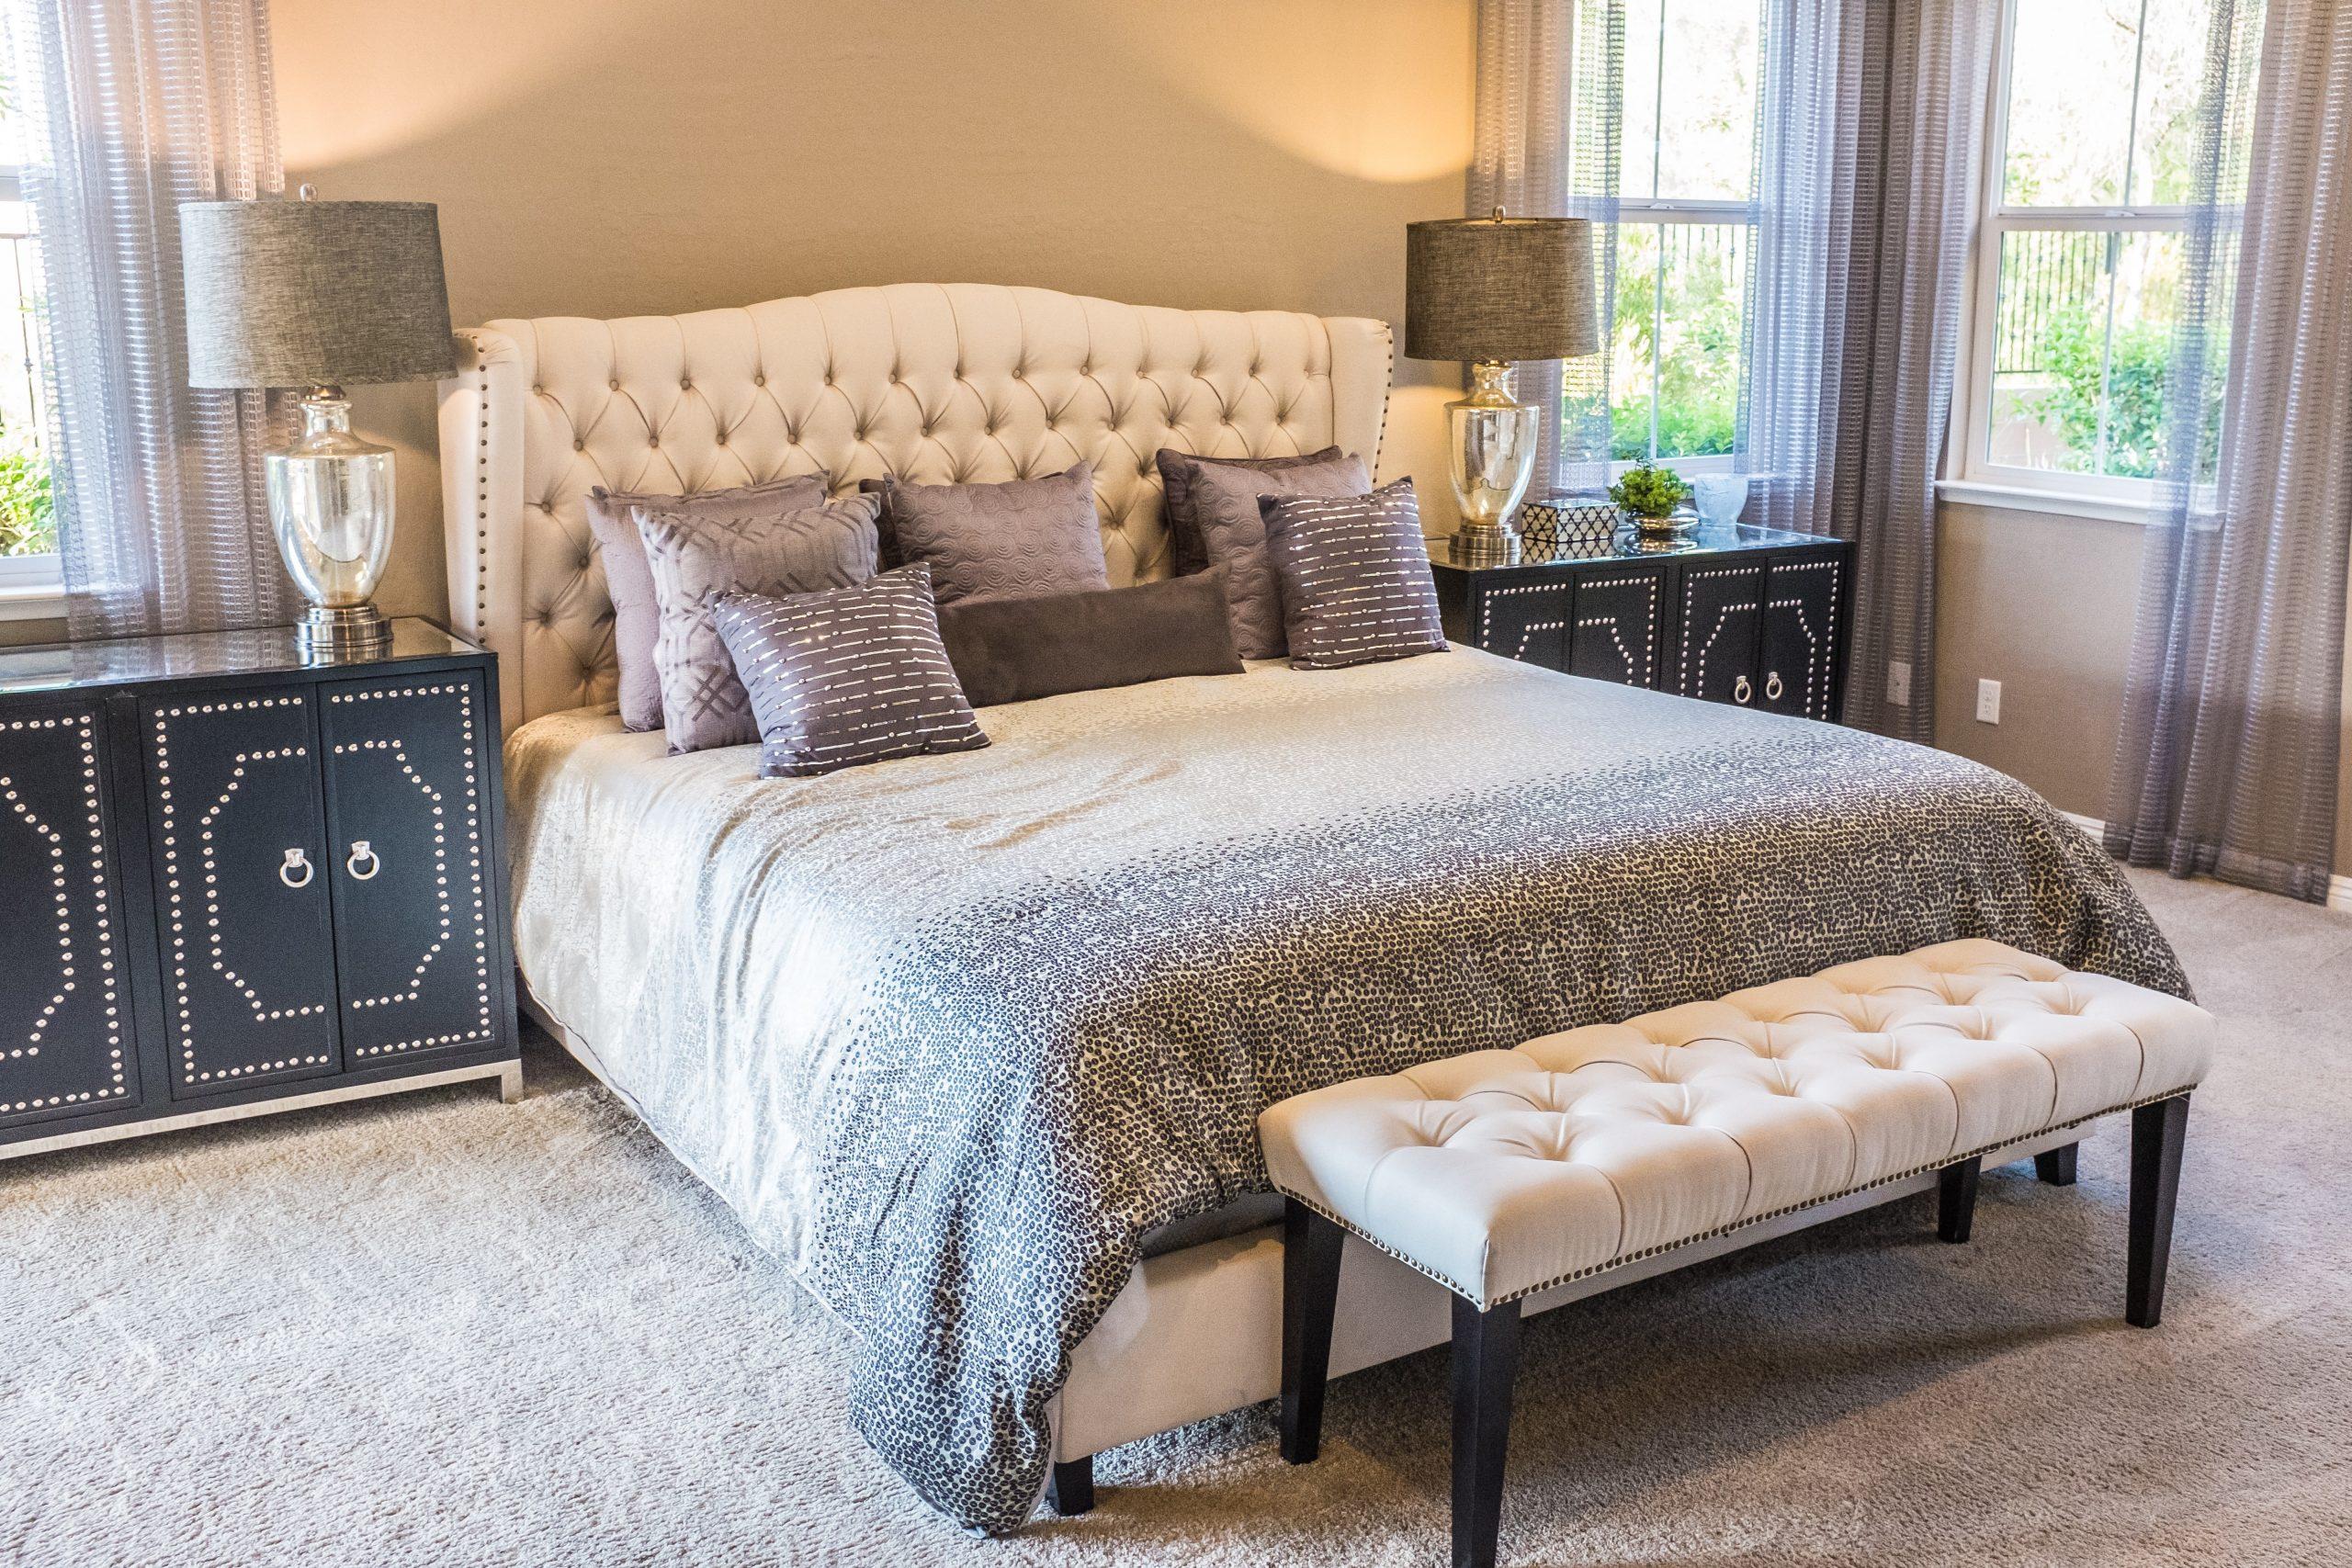 Den bedste seng er en elevationsseng